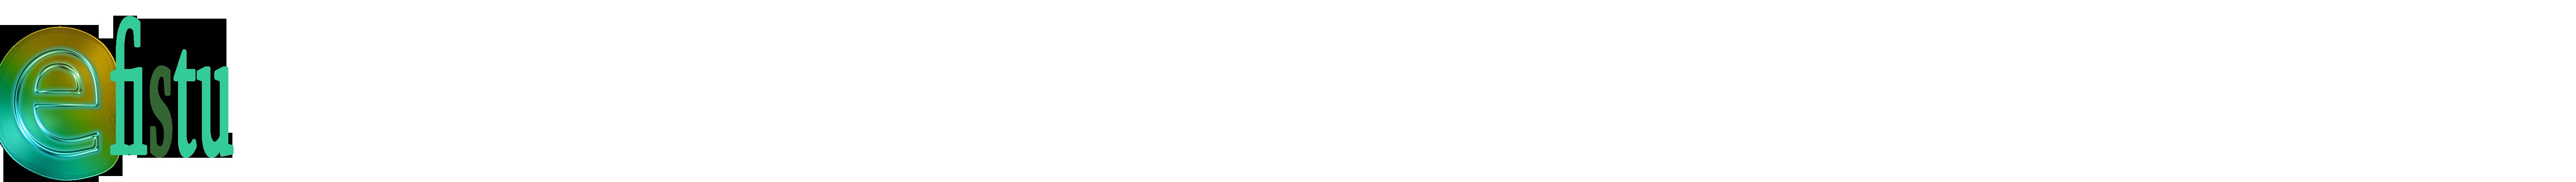 efistu.com